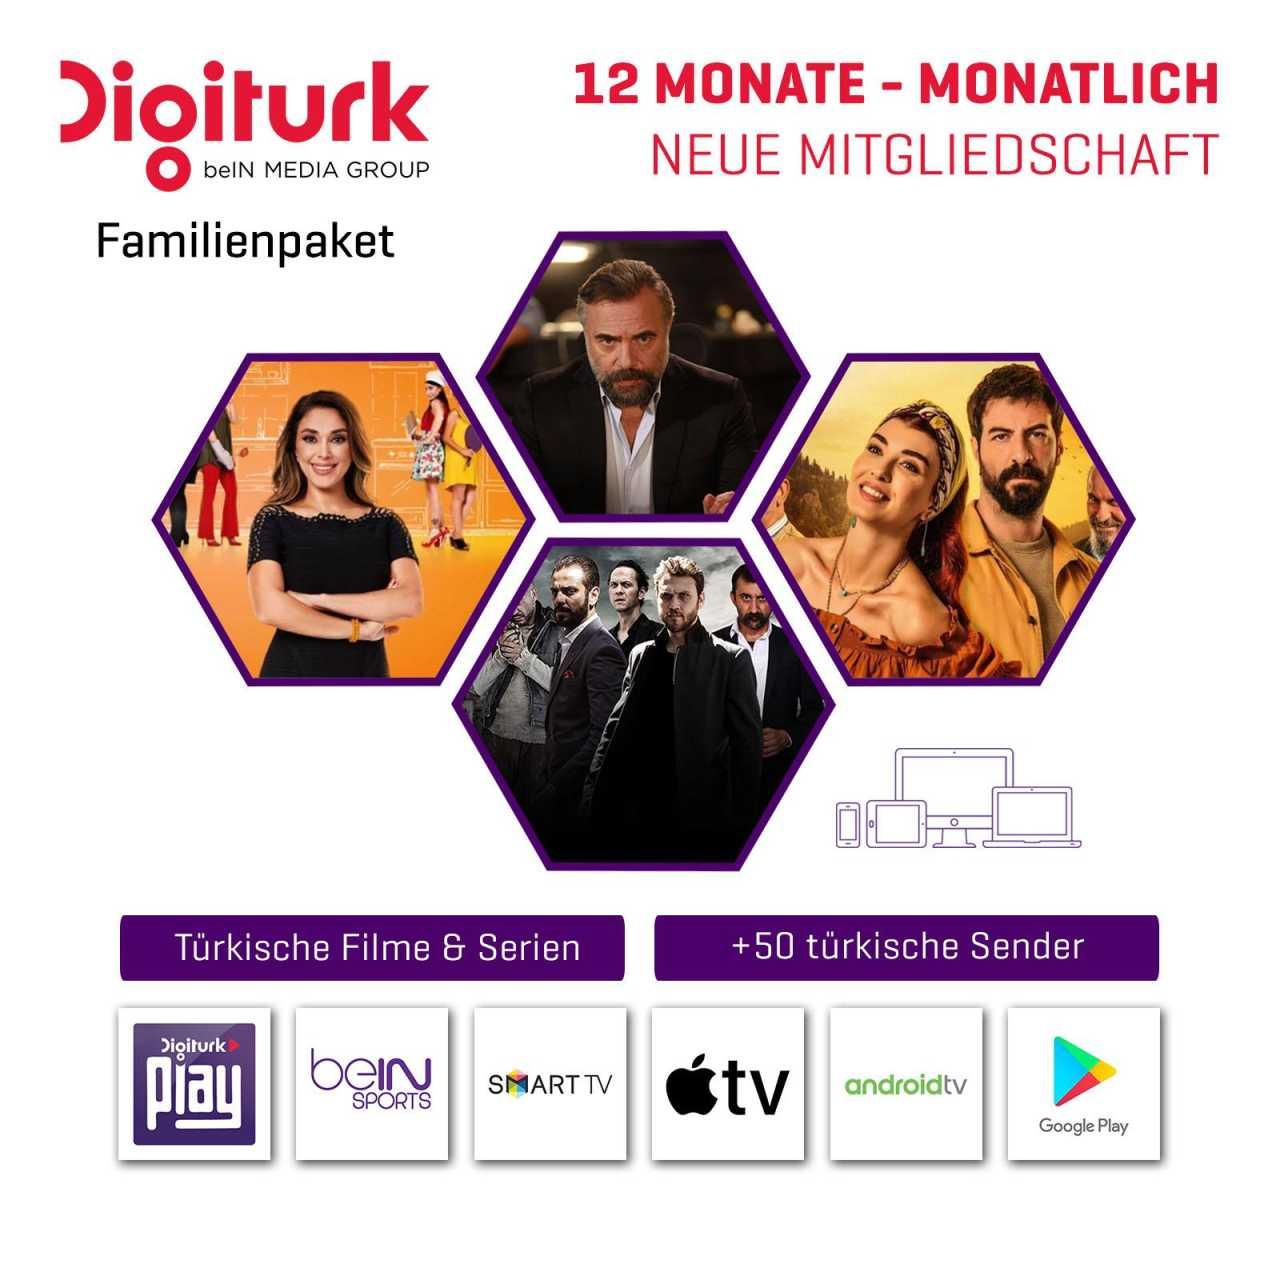 Digitürk Digitürk Play WEB TV IP HD Familienpaket - Monatlich 7,90 ? - 12 Monate Abo ABODIG035